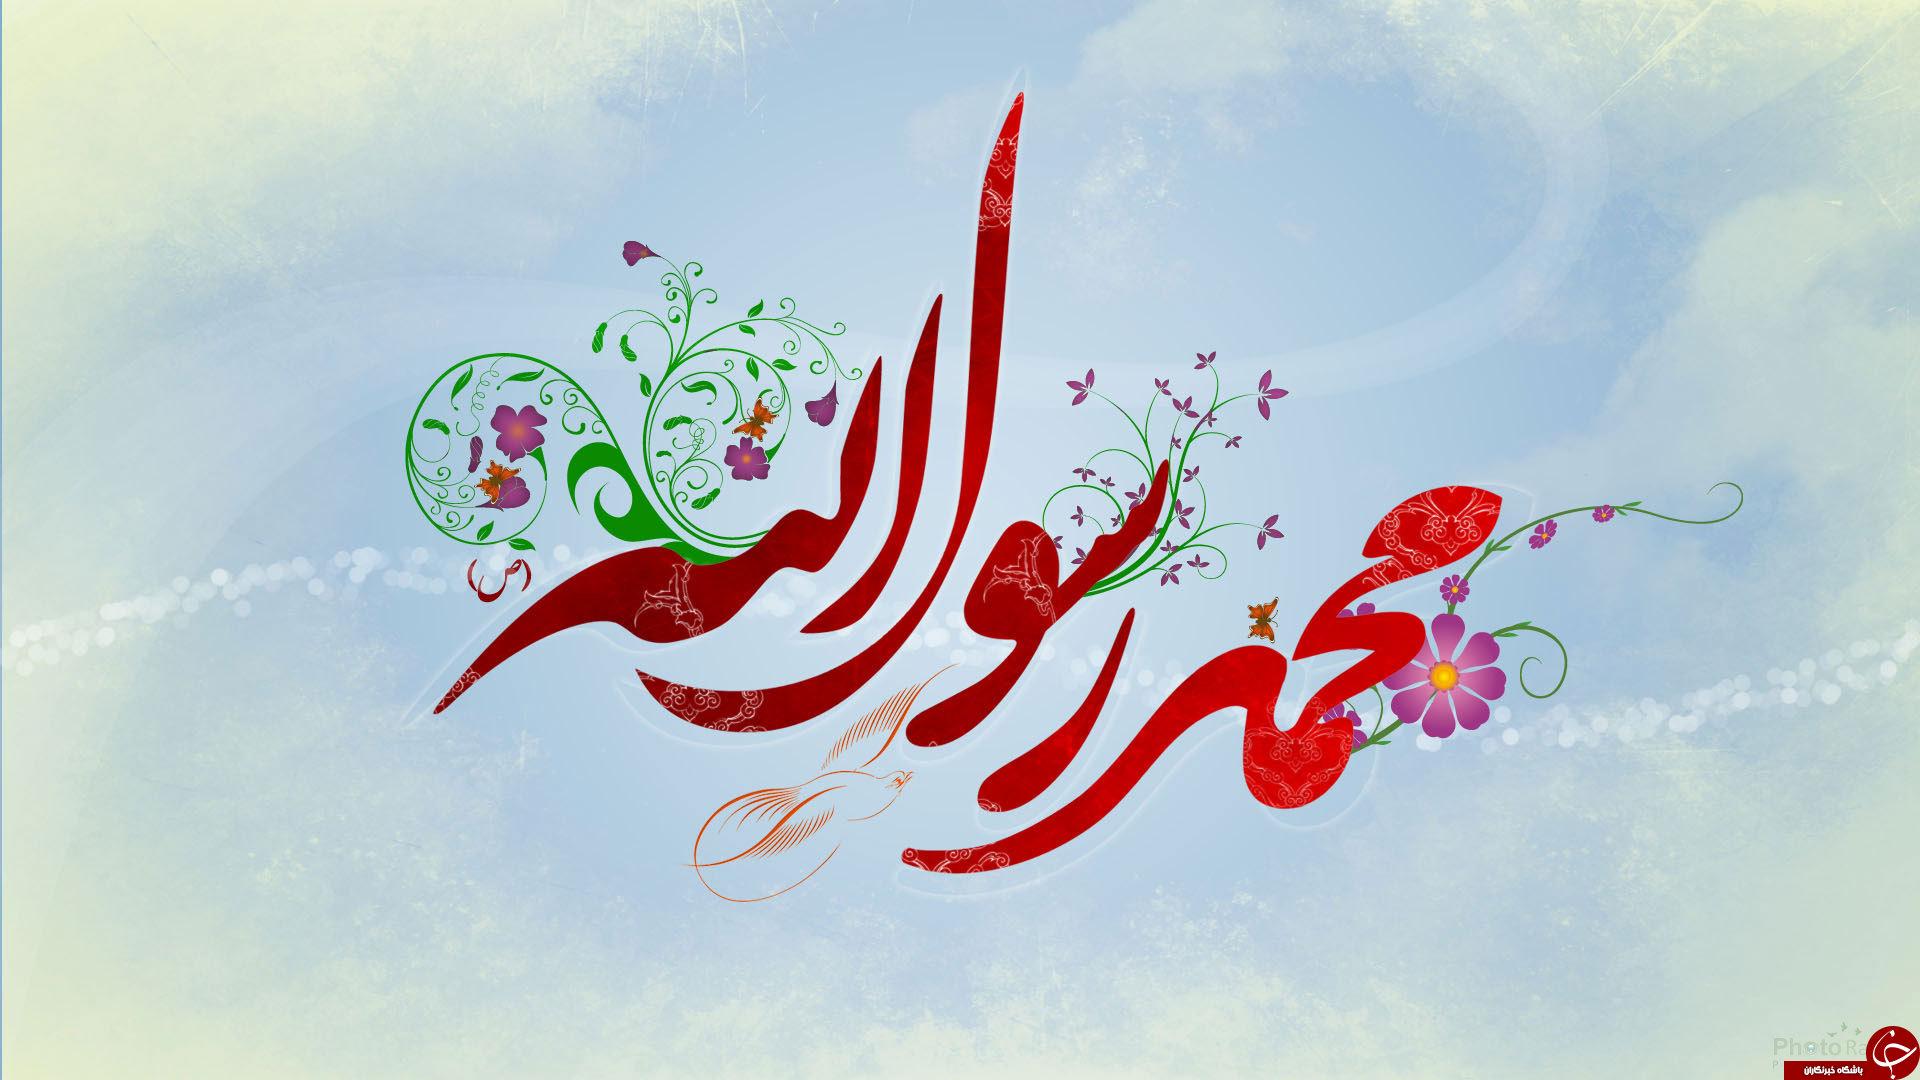 نگاه ویژه پروردگار به حضرت محمد(ص) در قرآن کریم